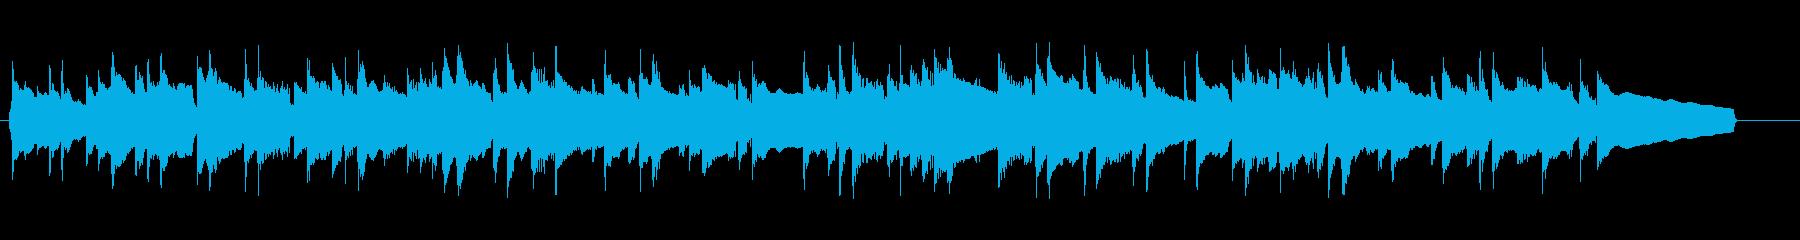 さわやかで切ないピアノのバラードの再生済みの波形